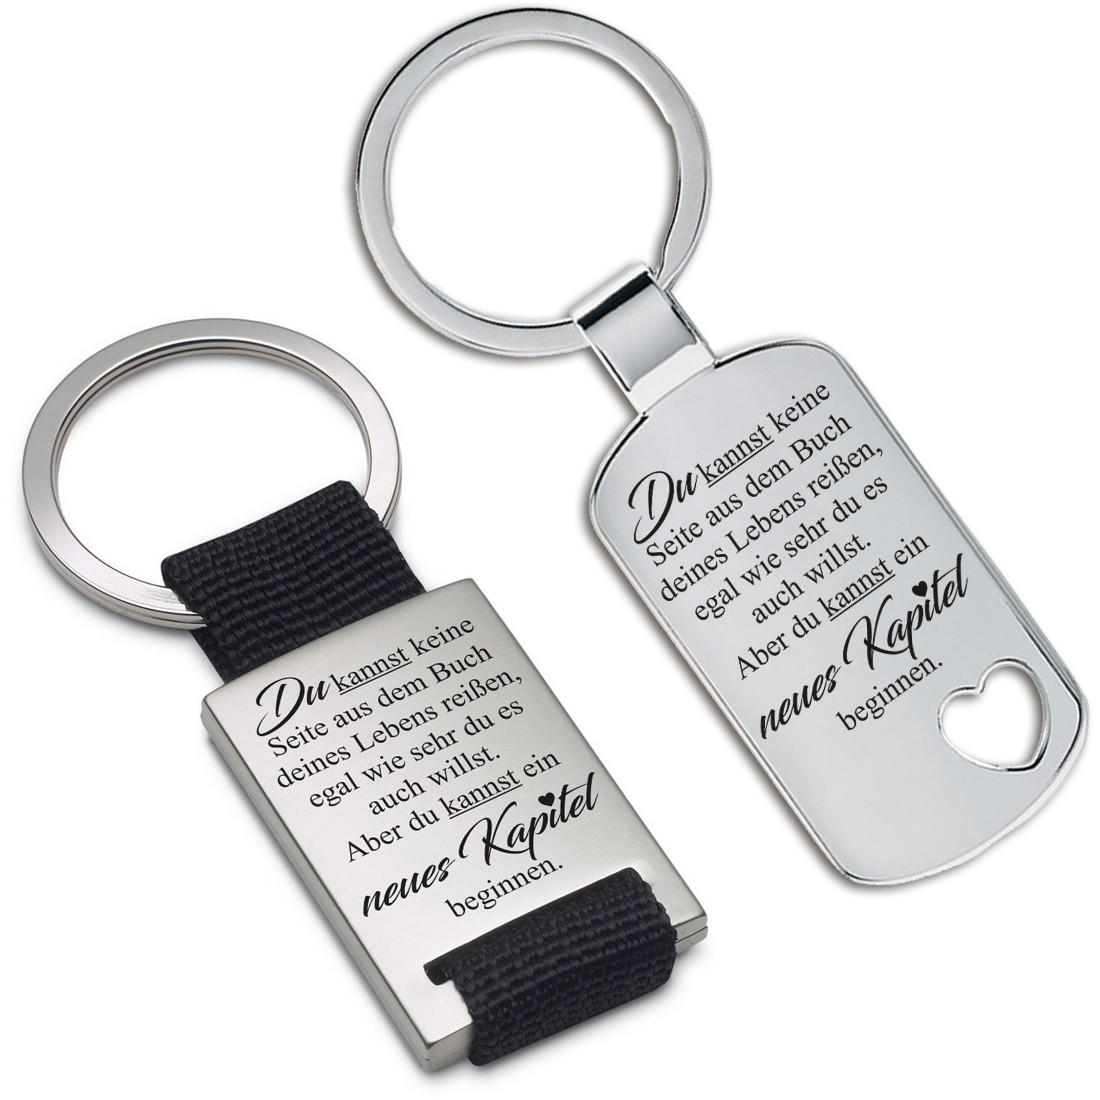 Metall Schlüsselanhänger - Du kannst keine Seite aus dem Buch deines Lebens reißen, egal wie sehr du es auch willst...